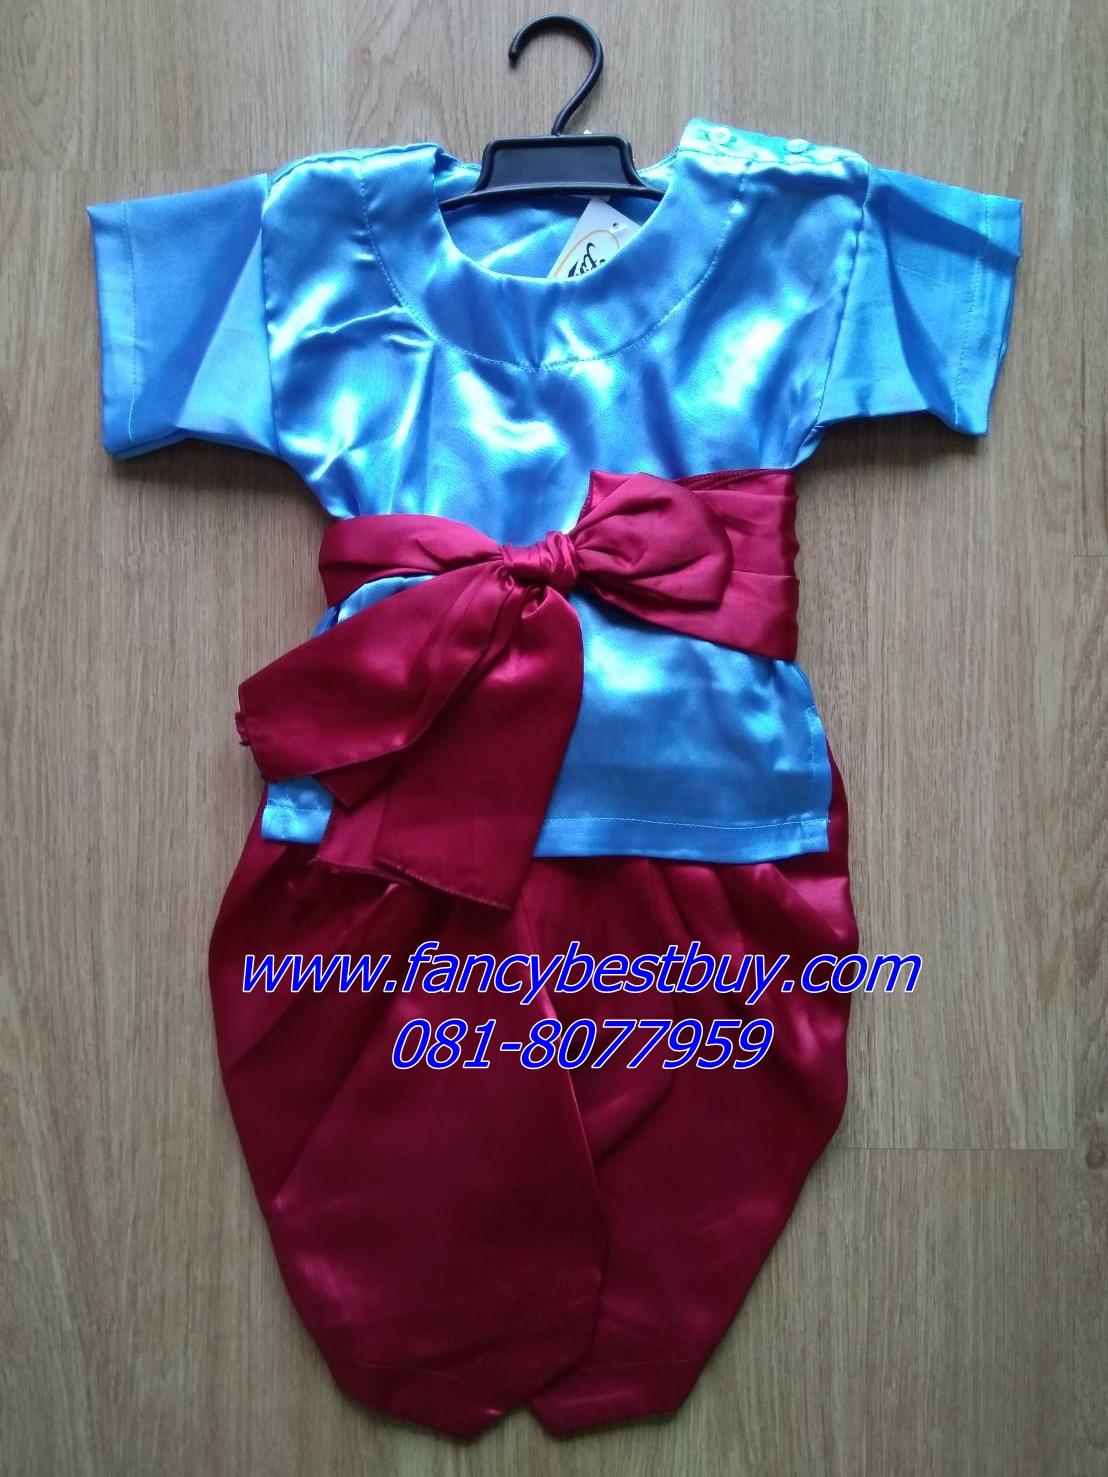 ชุดประจำชาติลาว สำหรับเด็กชาย Lao ขนาด S (เหมาะกับเด็ก 105-115 ซม)